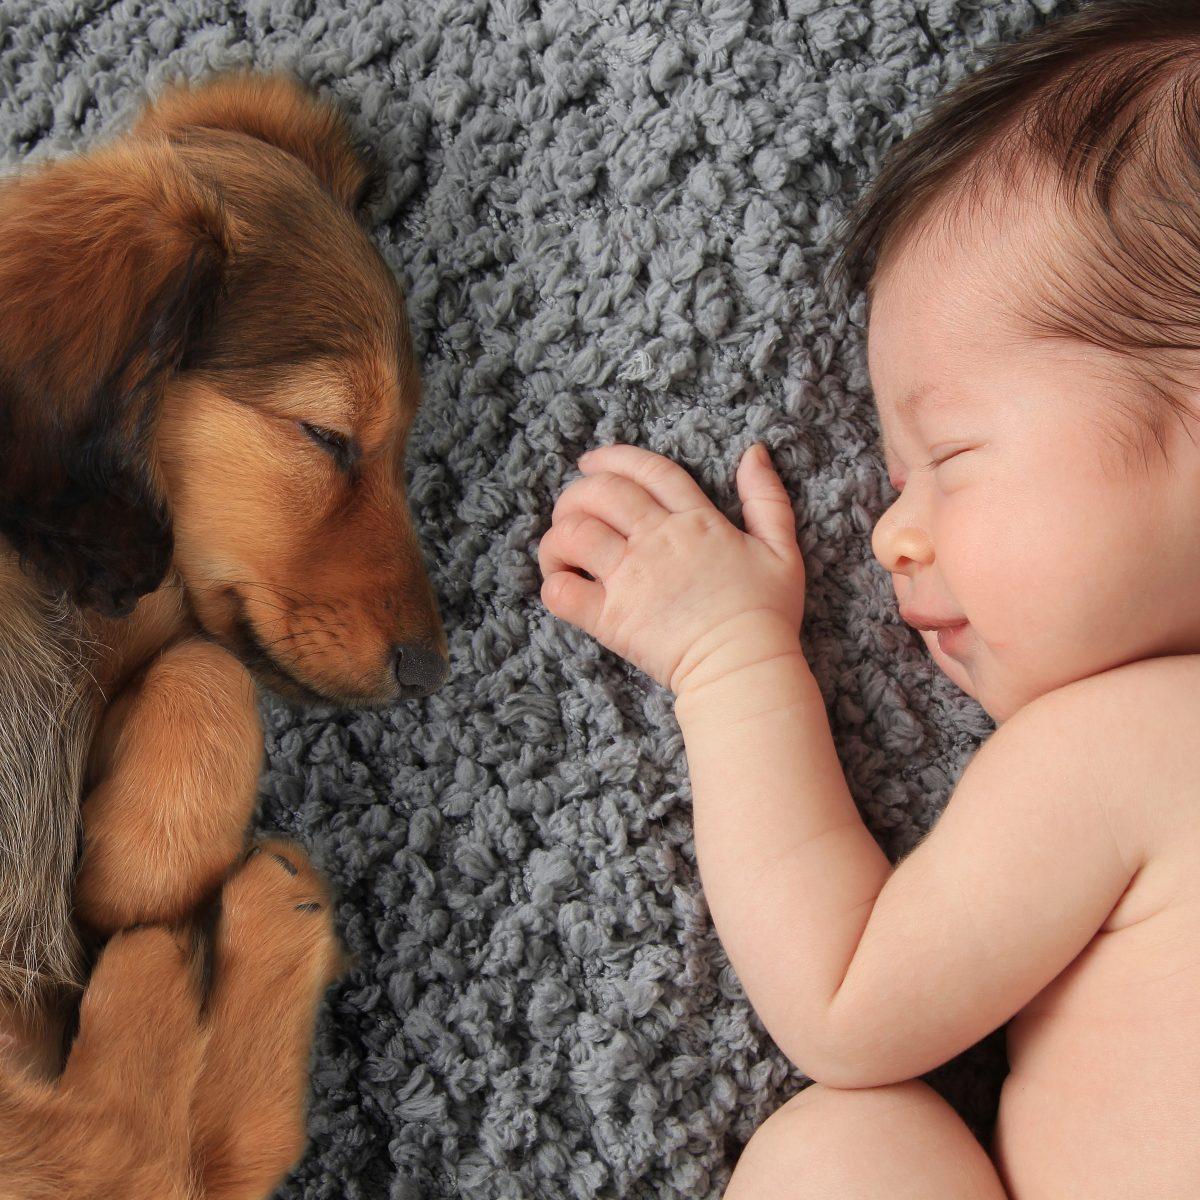 Bebekler ve Hayvanların 6 Benzer Huyu